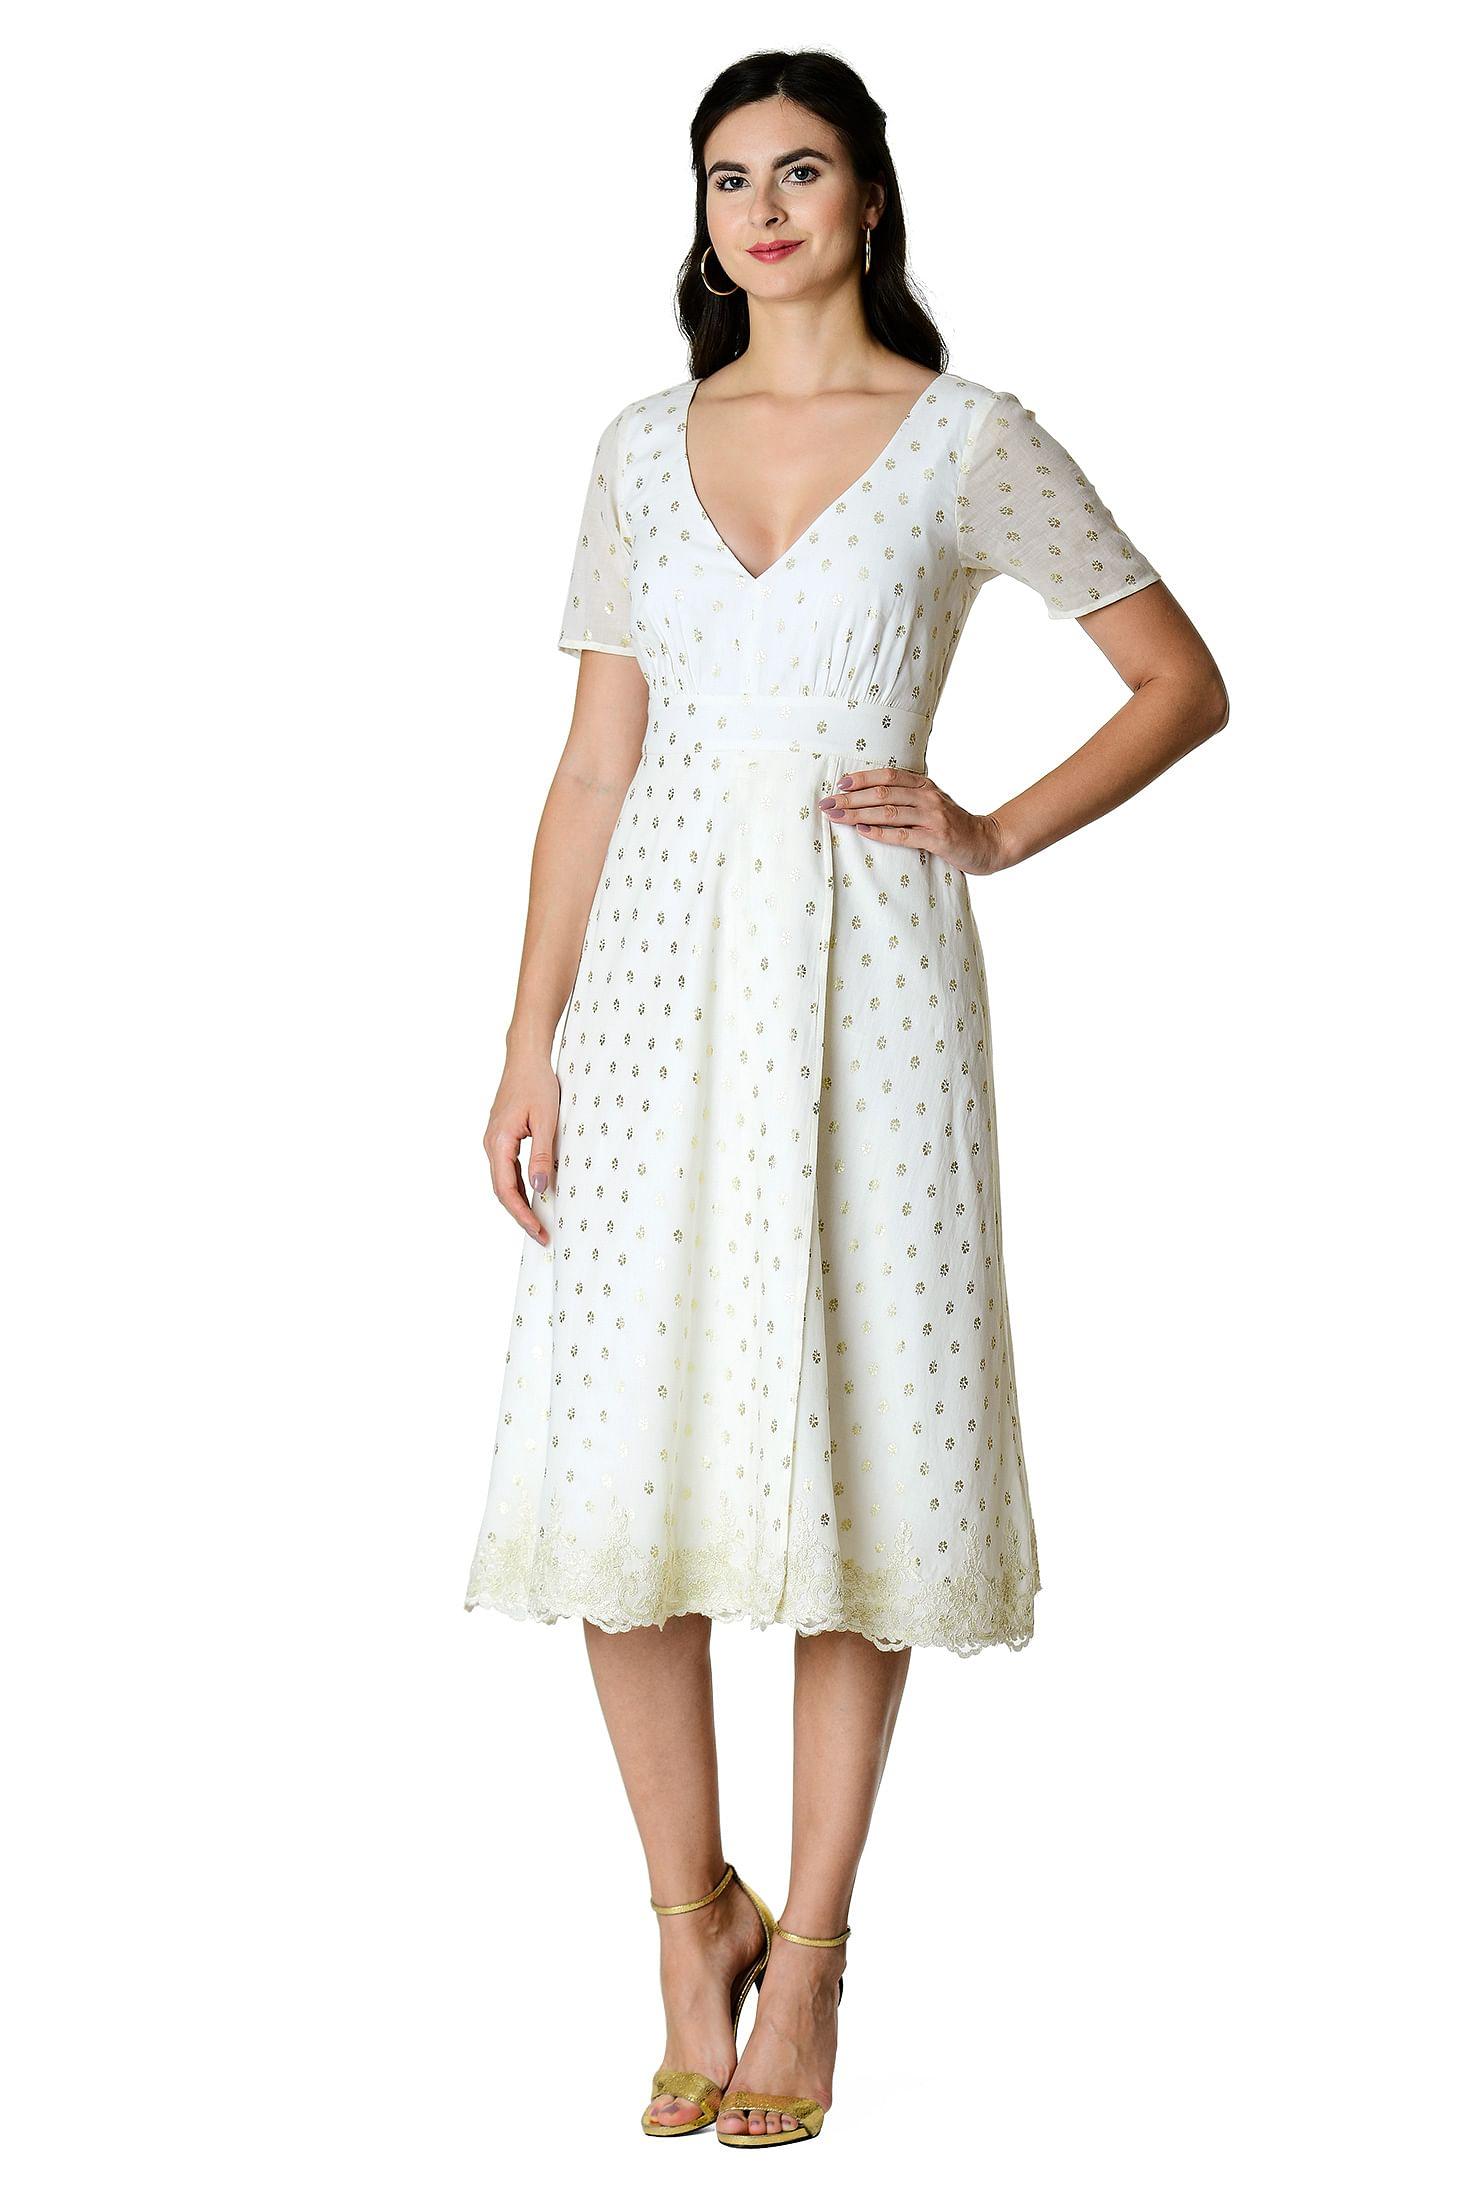 Scallop Lace Trim Leaf Print Cotton Dress